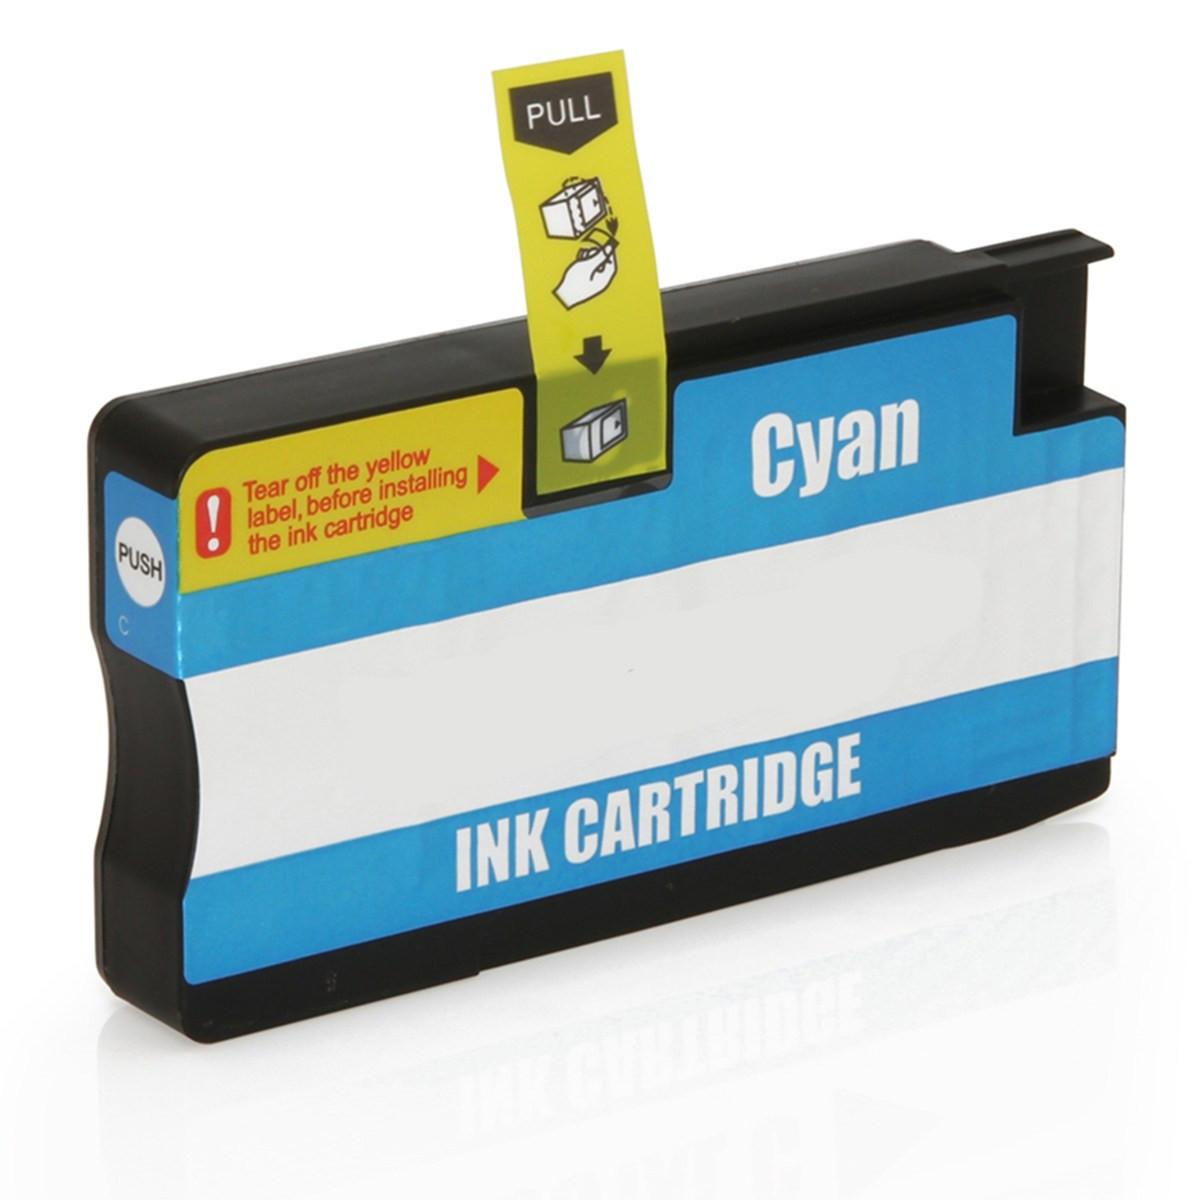 Cartucho de Tinta Compatível com HP 954XL L0S62AB Ciano   7730 7740 8210 8710 8720 8730   26ml